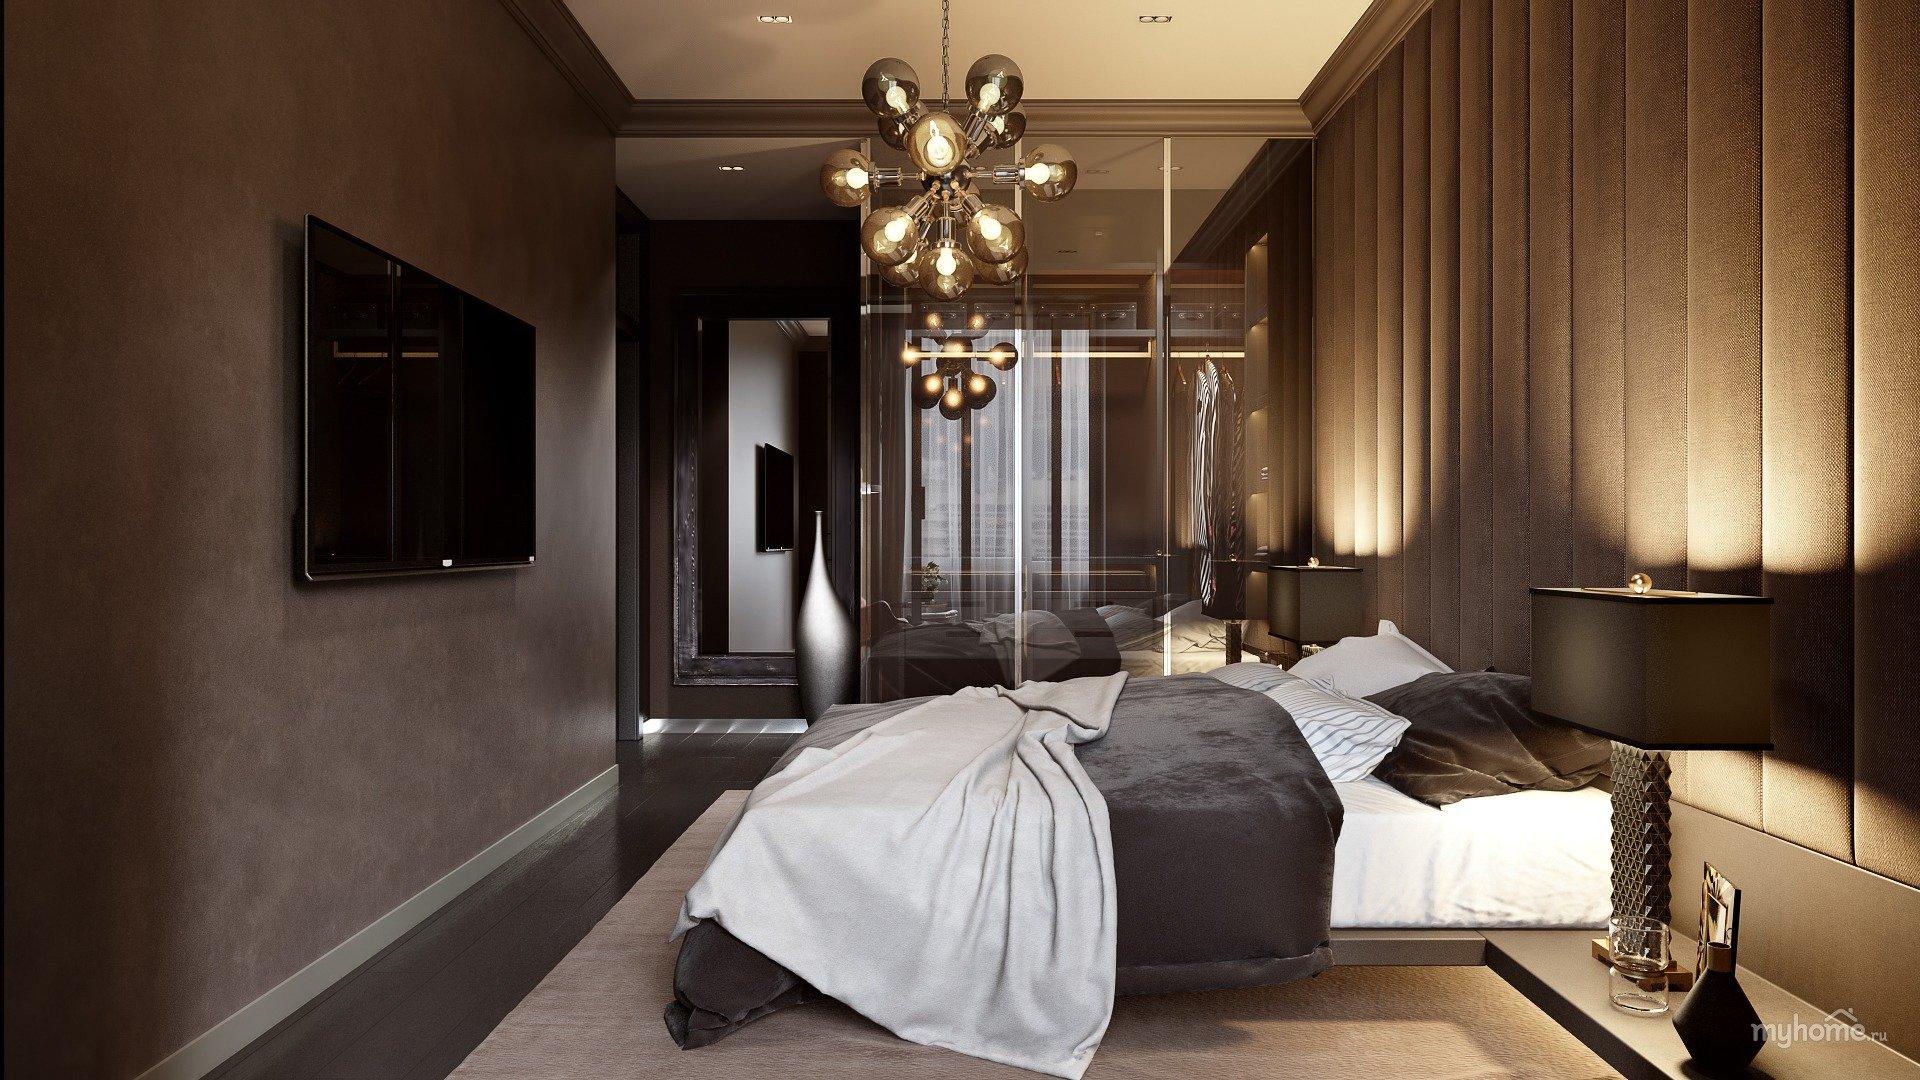 картинки обои в спальню под темную коричневую спальню актрисой ириной